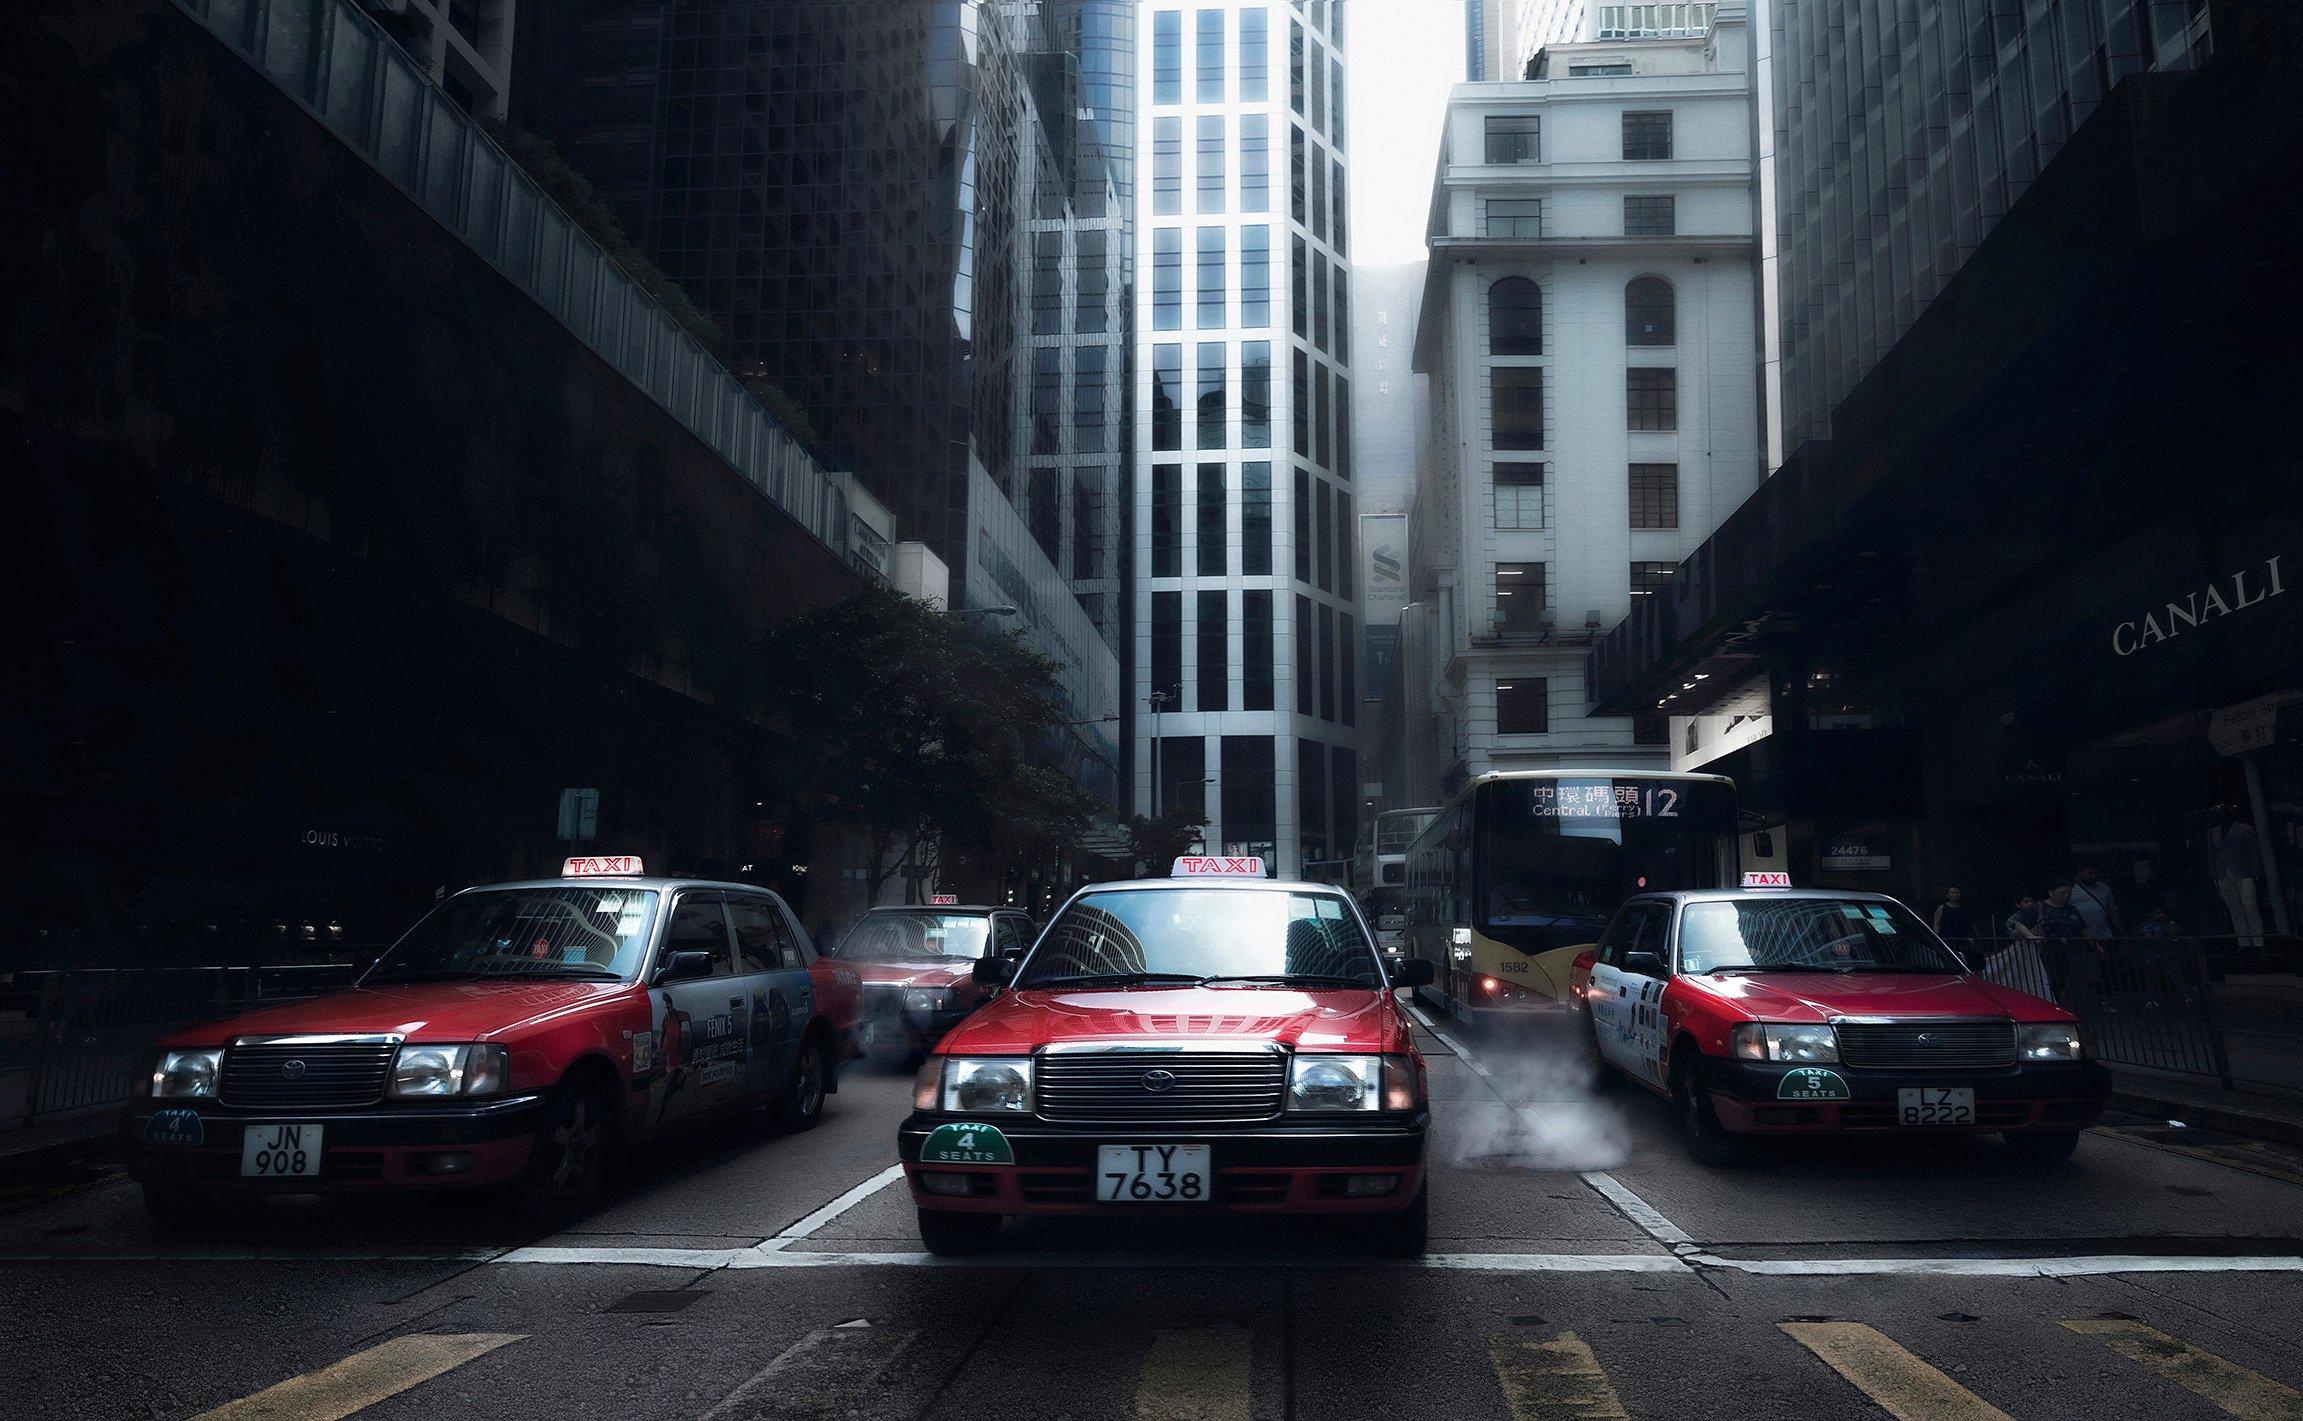 город, архитектура, стрит, такси, гонконг, азия, Алексей Ермаков